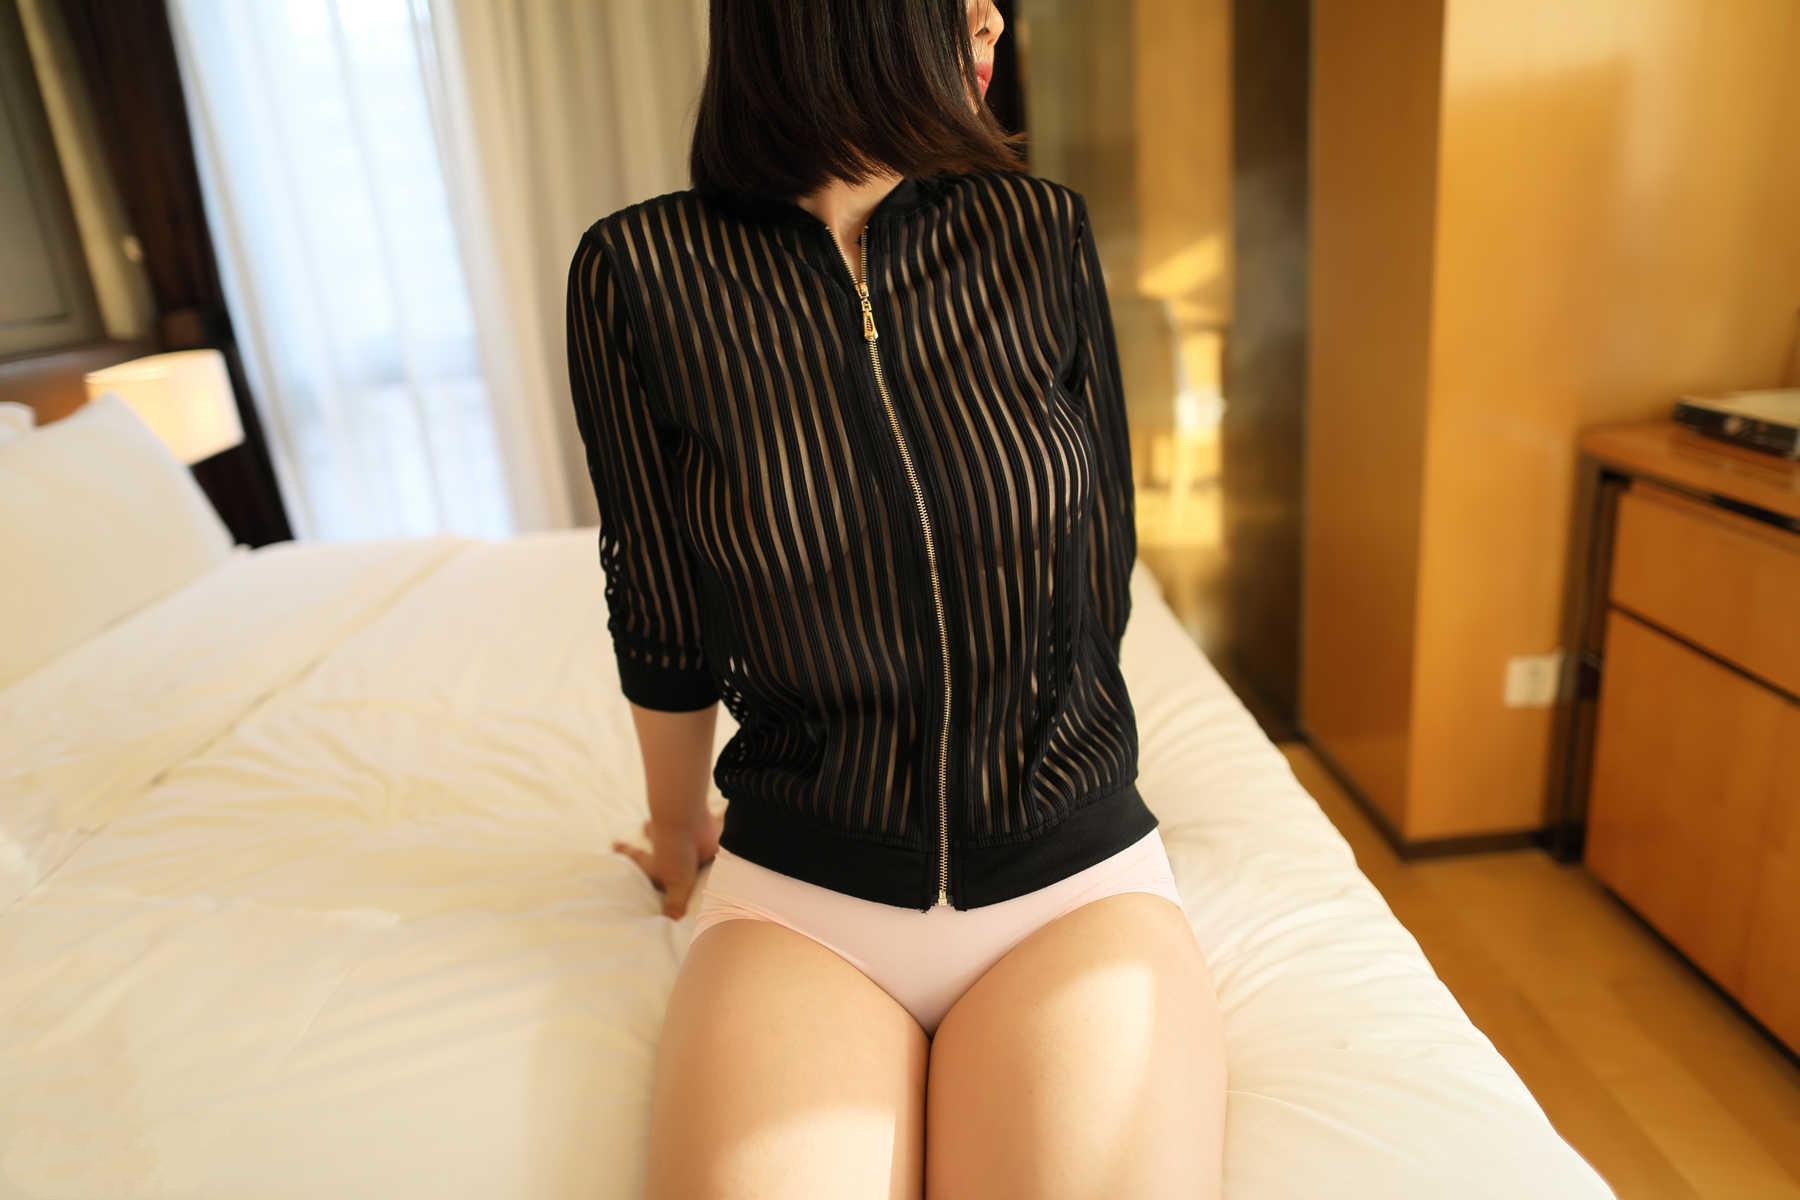 性感美女傲人巨乳雪白美腿写真